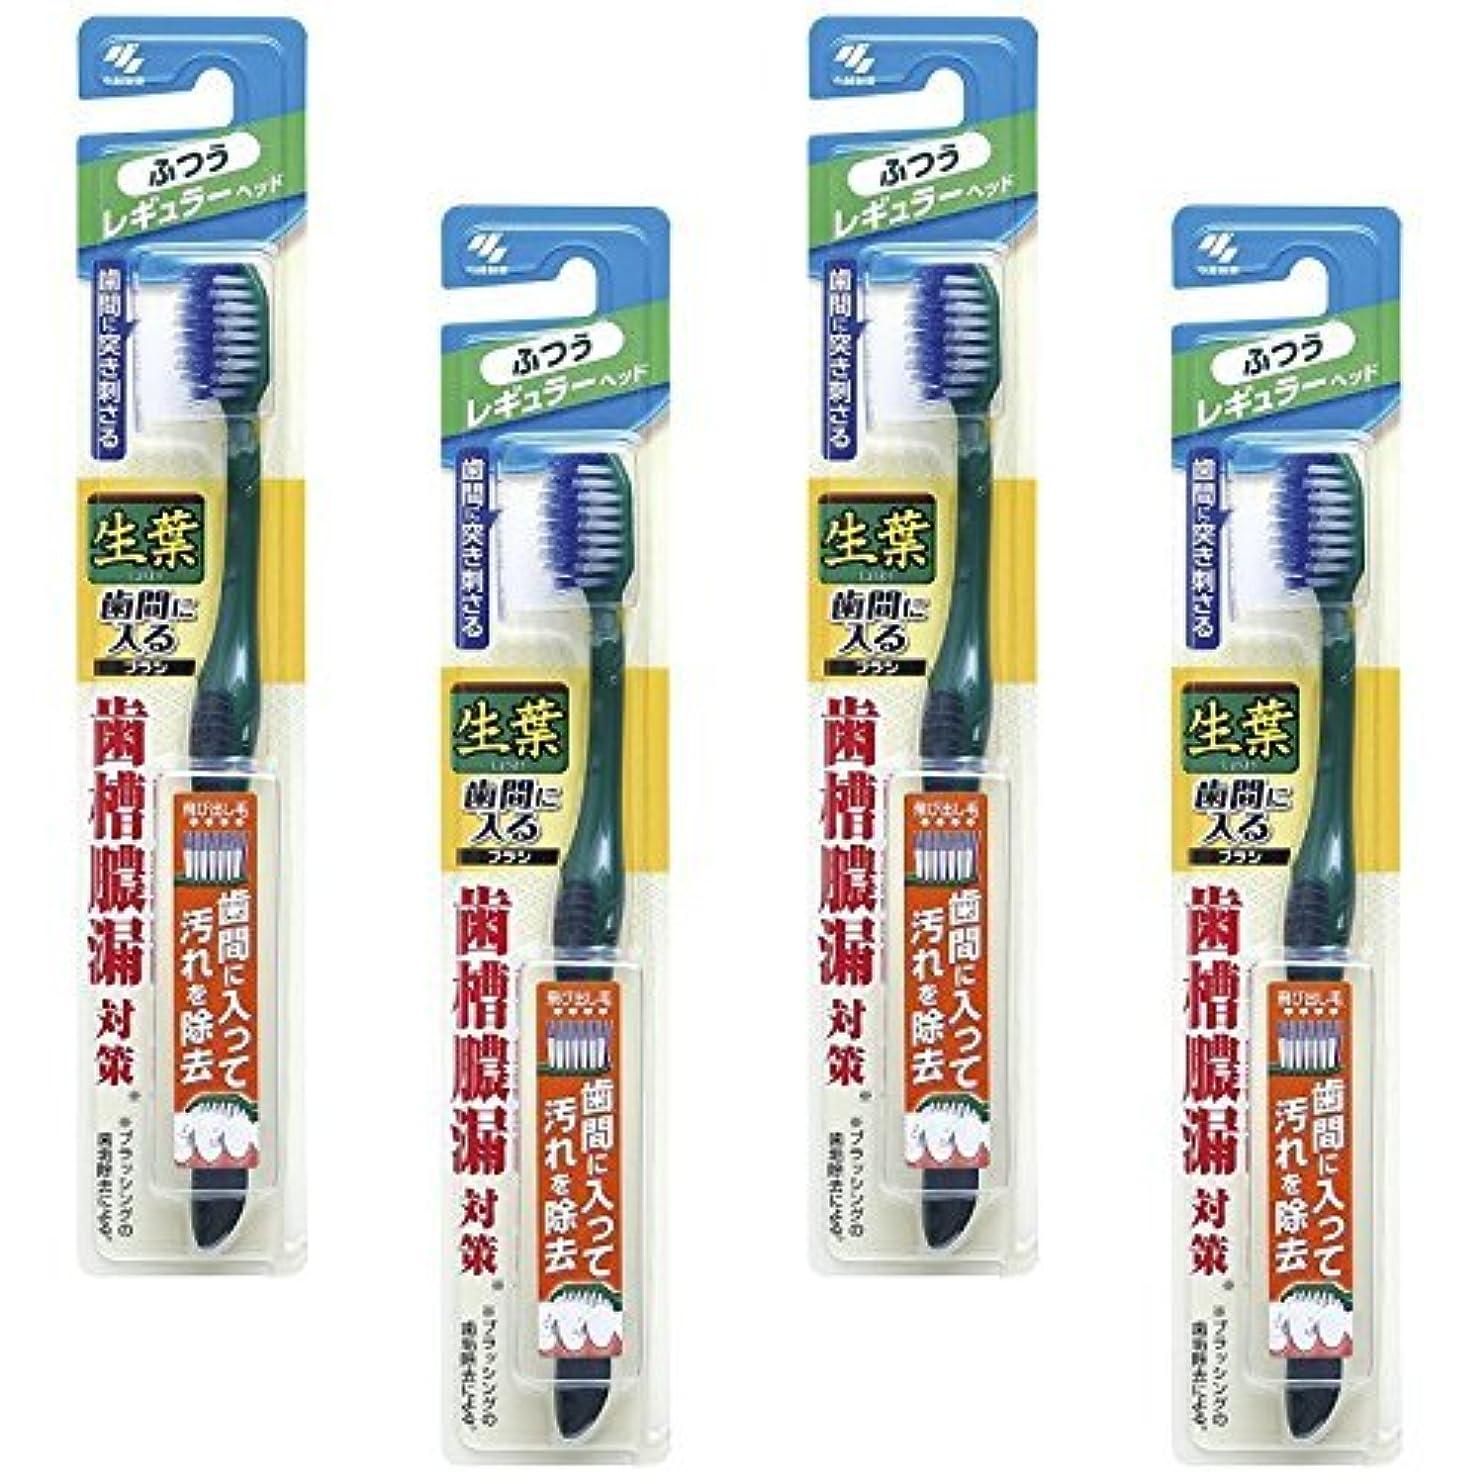 日承認ウォーターフロント【まとめ買い】生葉(しょうよう)歯間に入るブラシ 歯ブラシ レギュラー ふつう ×4個